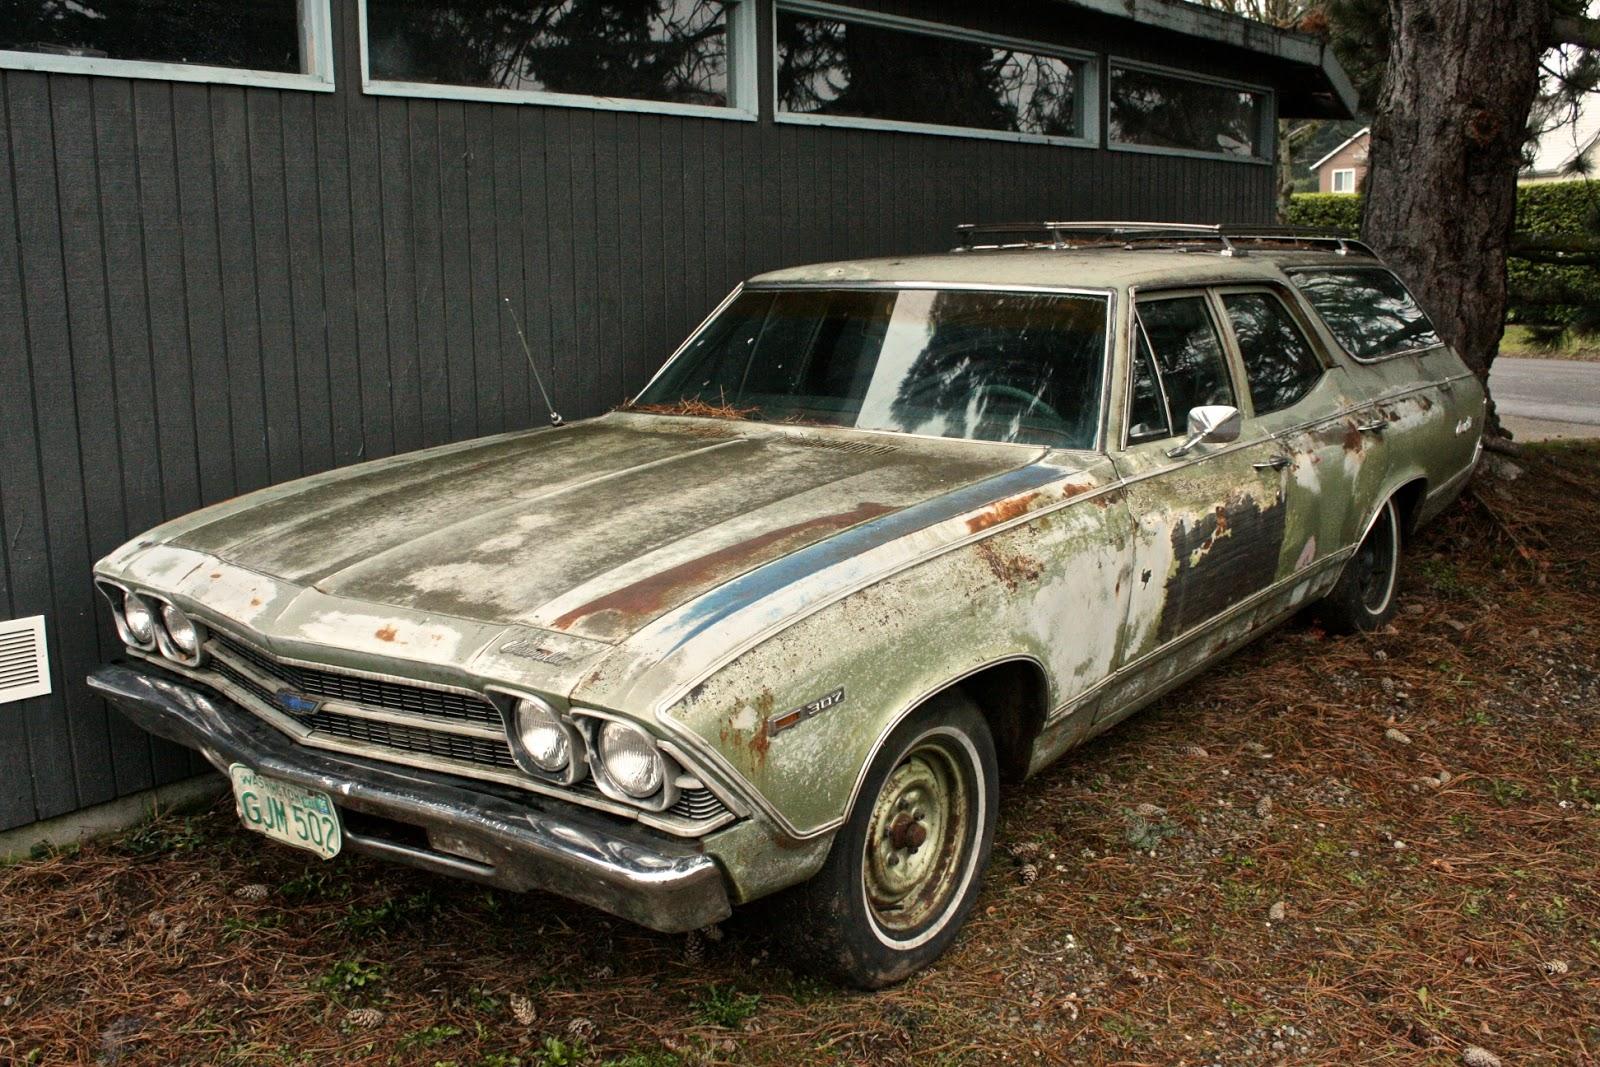 1969 Chevrolet Chevelle Concours Estate wagon